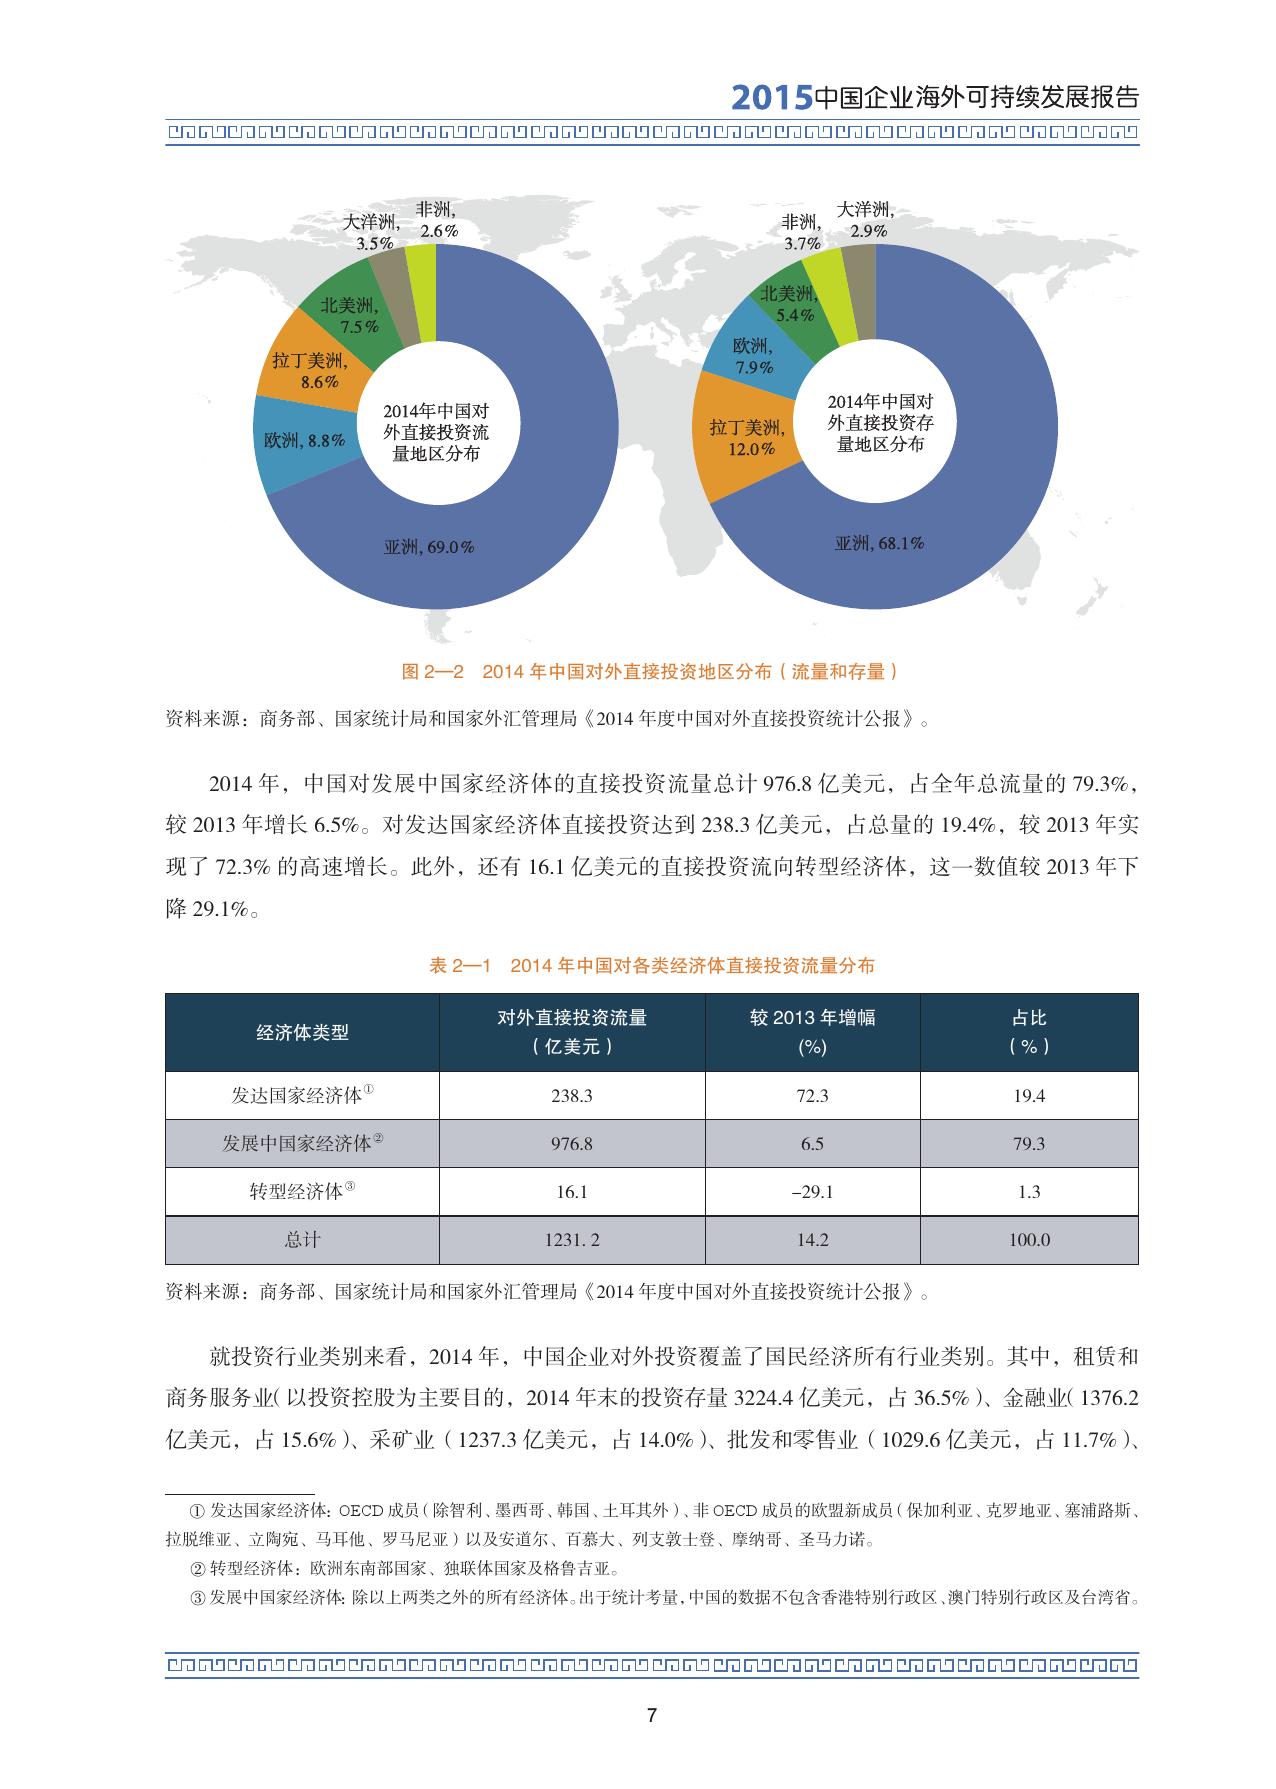 2015中国企业海外可持续发展报告_000021